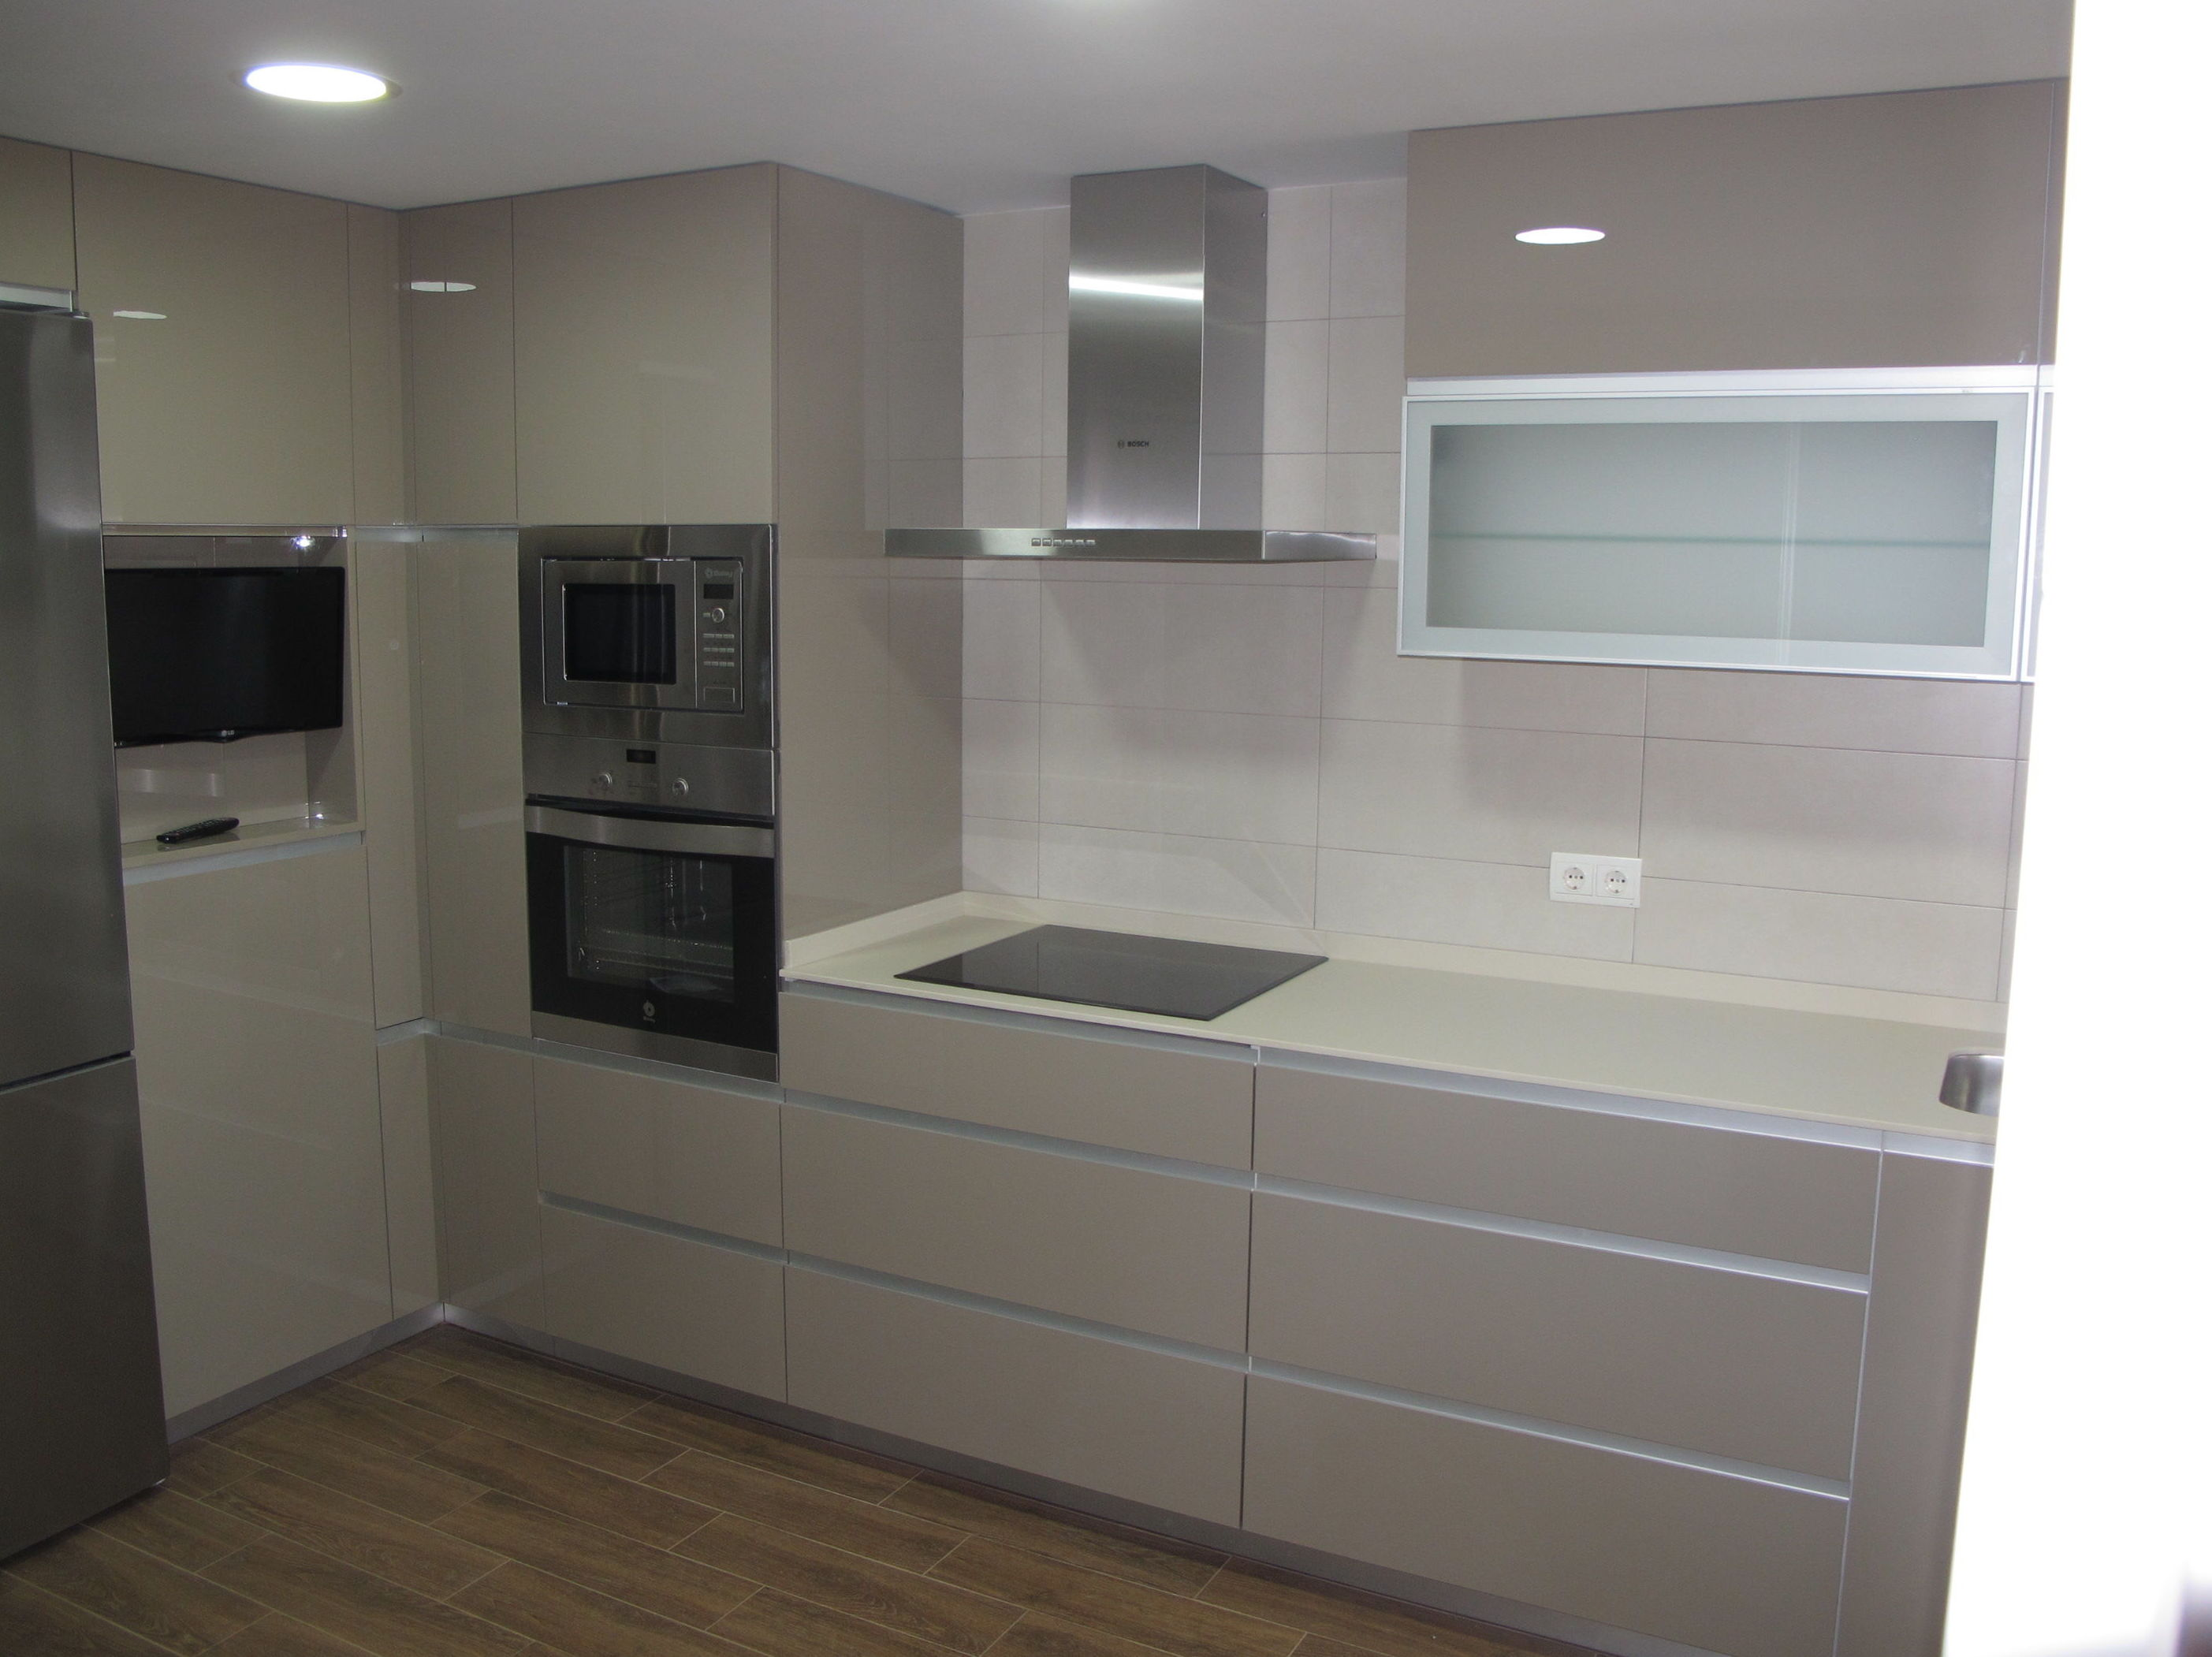 Dise os cocinas mc grupo de luxe proyecto realizado en for Catalogo muebles cocina pdf